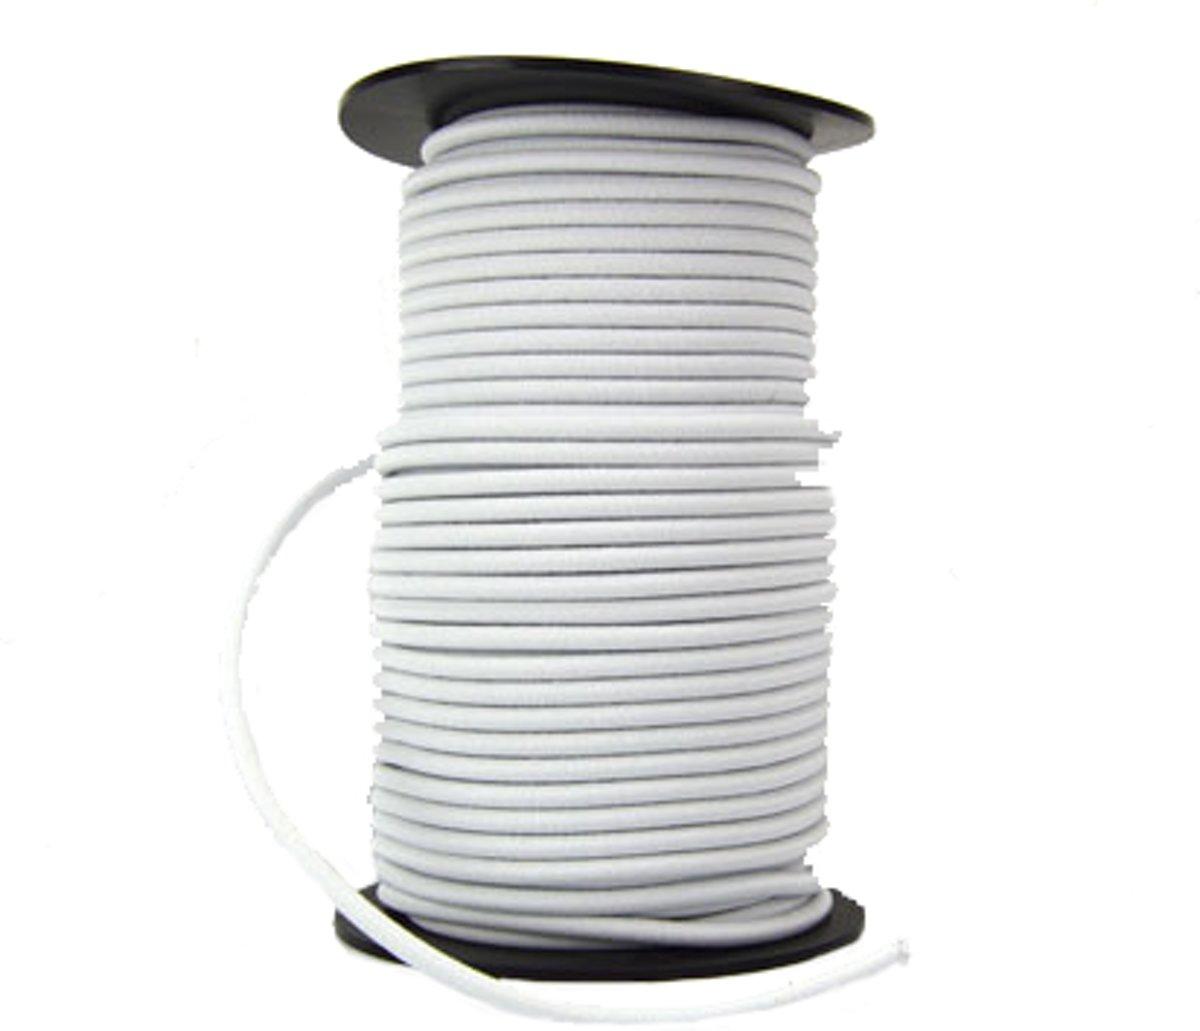 100 meter Elastisch Touw - 8 mm - WIT - elastiek op rol kopen